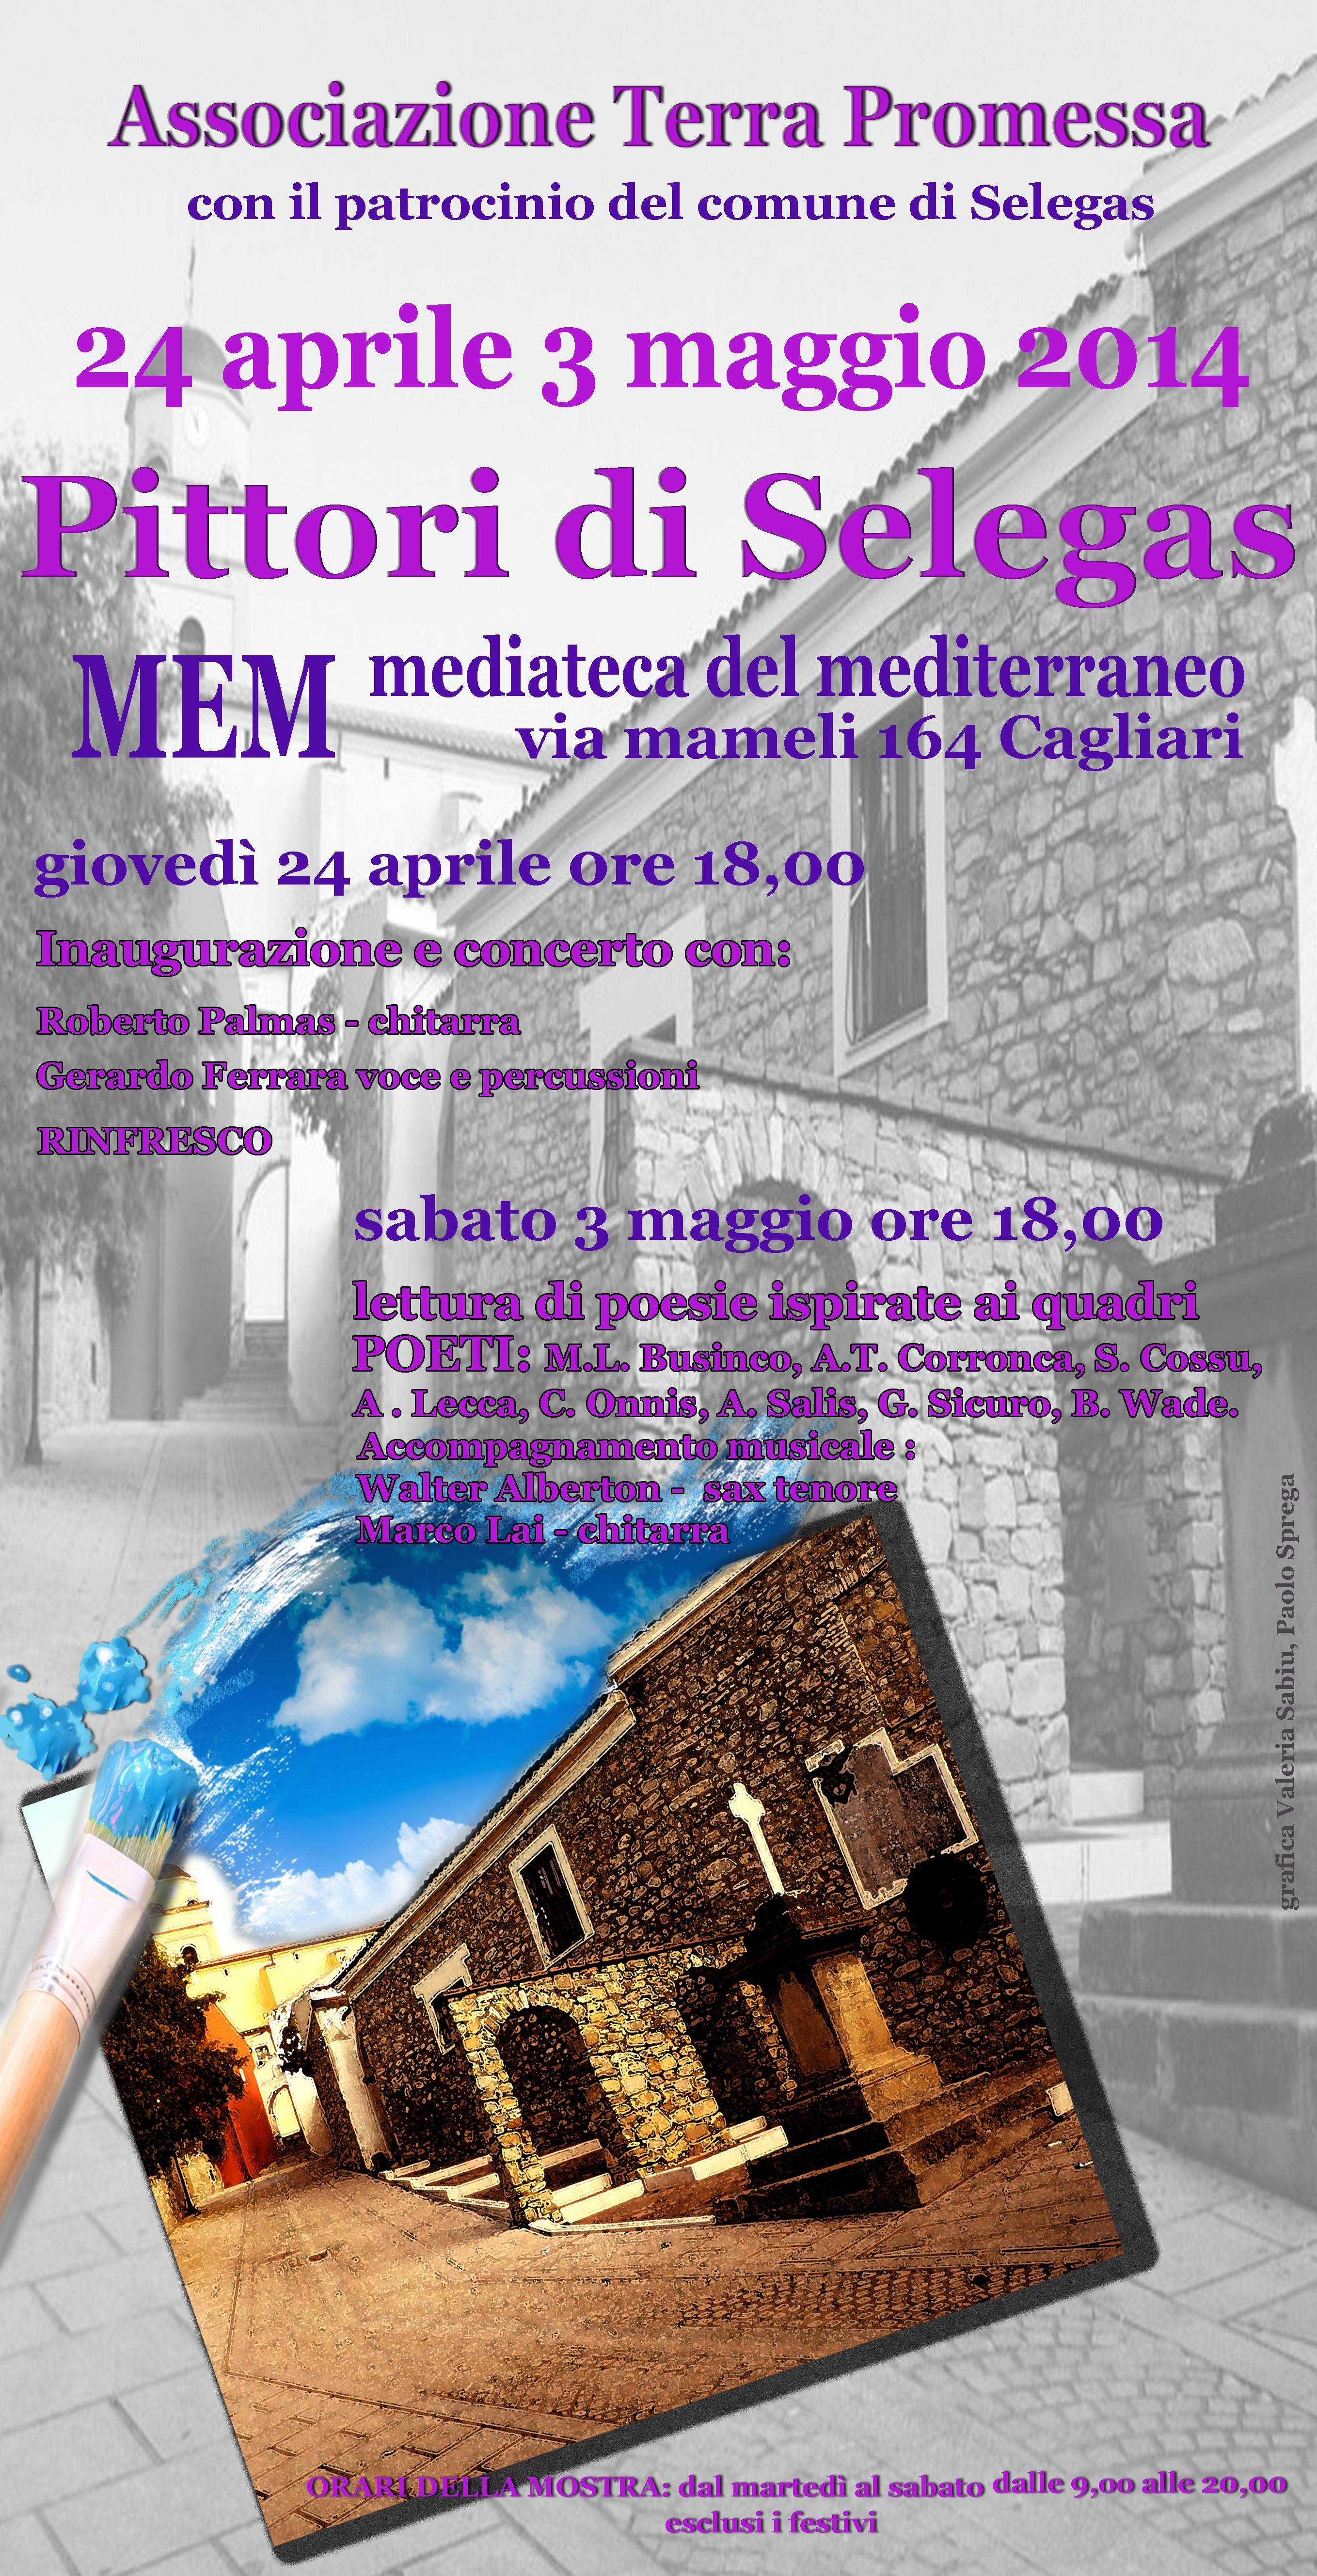 Pittori di Selegas al MEM di Cagliari dal 24 aprile al 3 maggio 2014